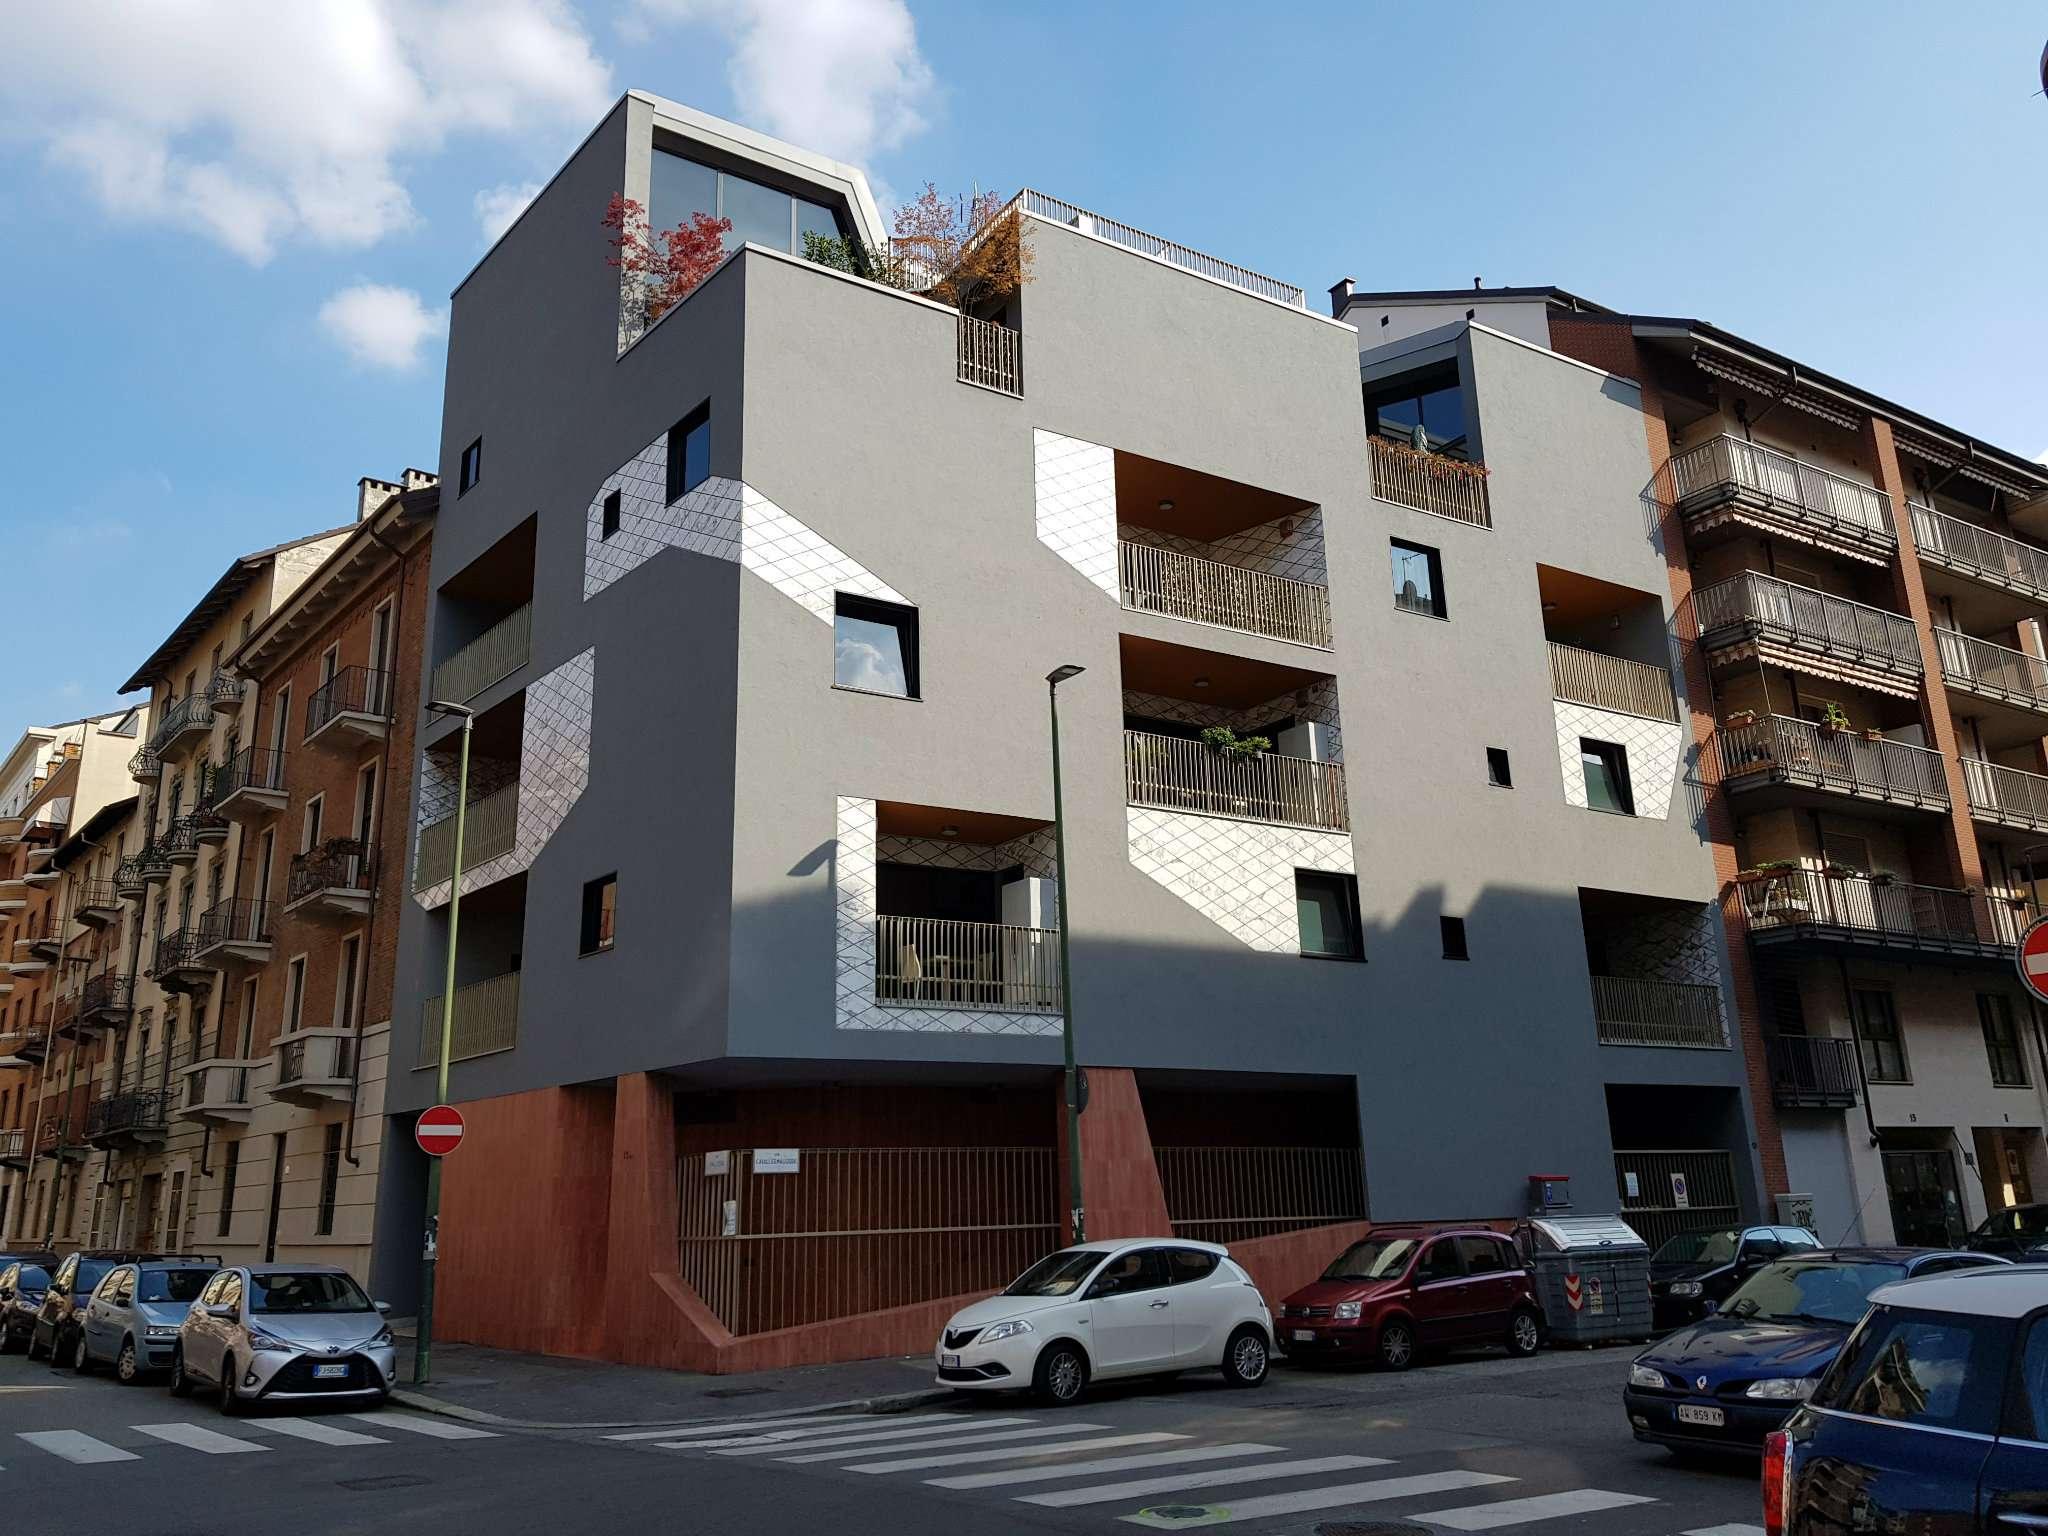 Immagine immobiliare CENISIA NUOVA COSTRUZIONE DESCRIZIONE DELL' APPARTAMENTOL'appartamento è posto al 3° piano ed è composto da ingresso soggiorno, cucinotto, camera da letto, bagno, 2 terrazzi loggiati e cantina. L'...